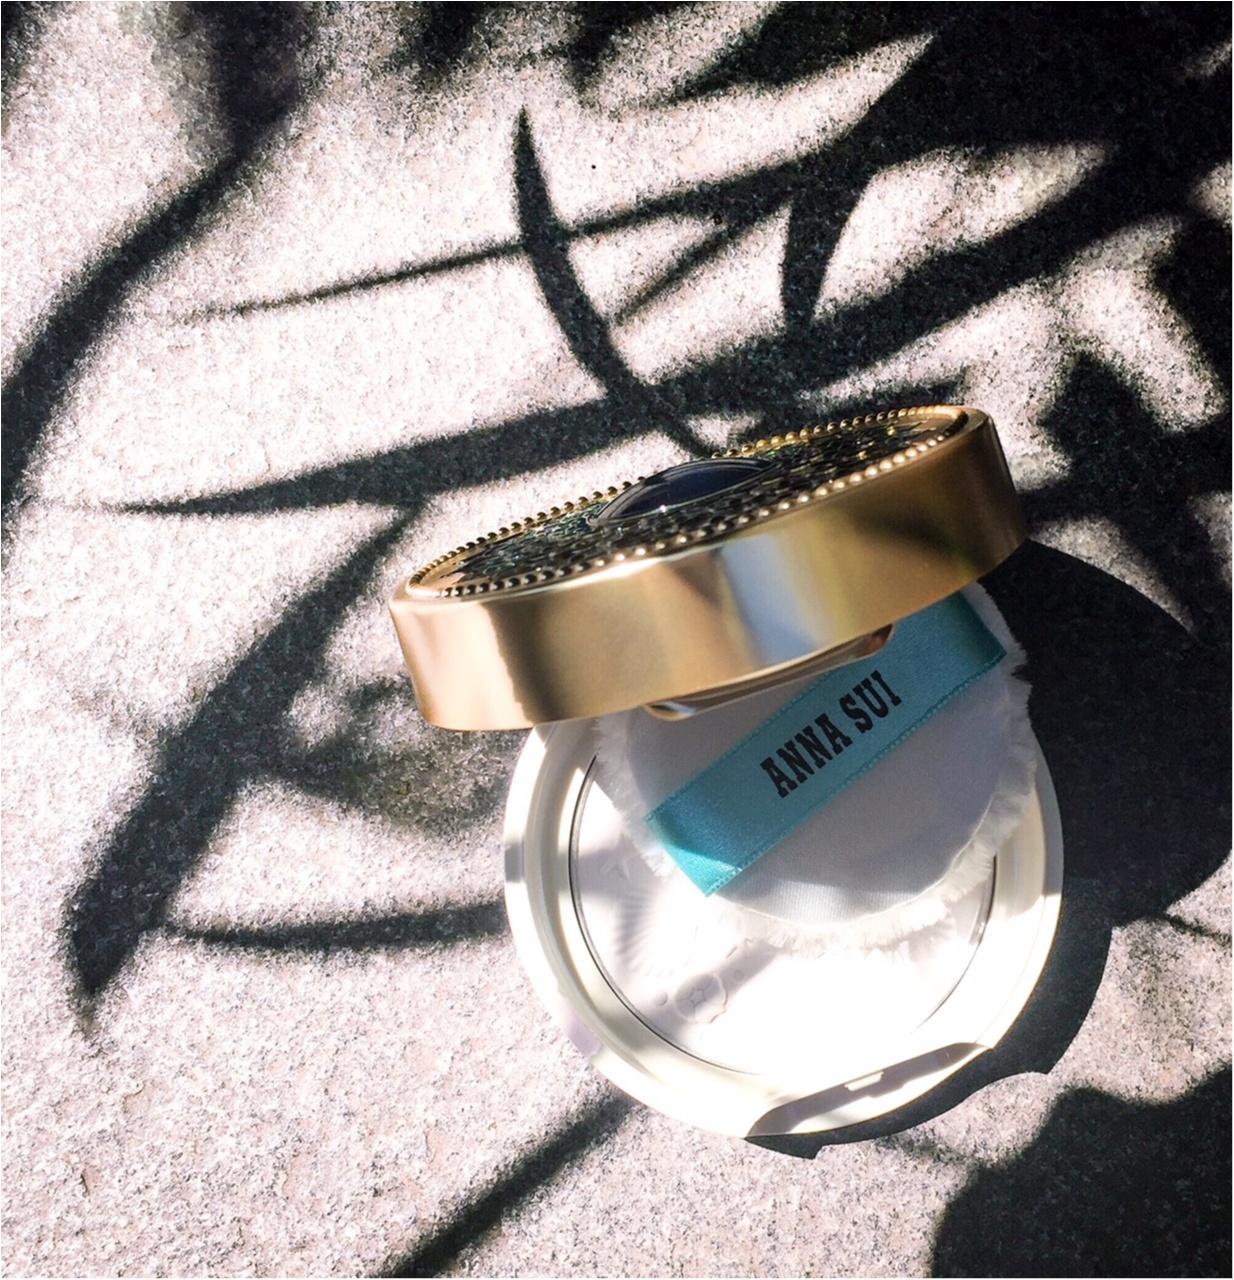 美白化粧品特集 - シミやくすみ対策・肌の透明感アップが期待できるコスメは?_28